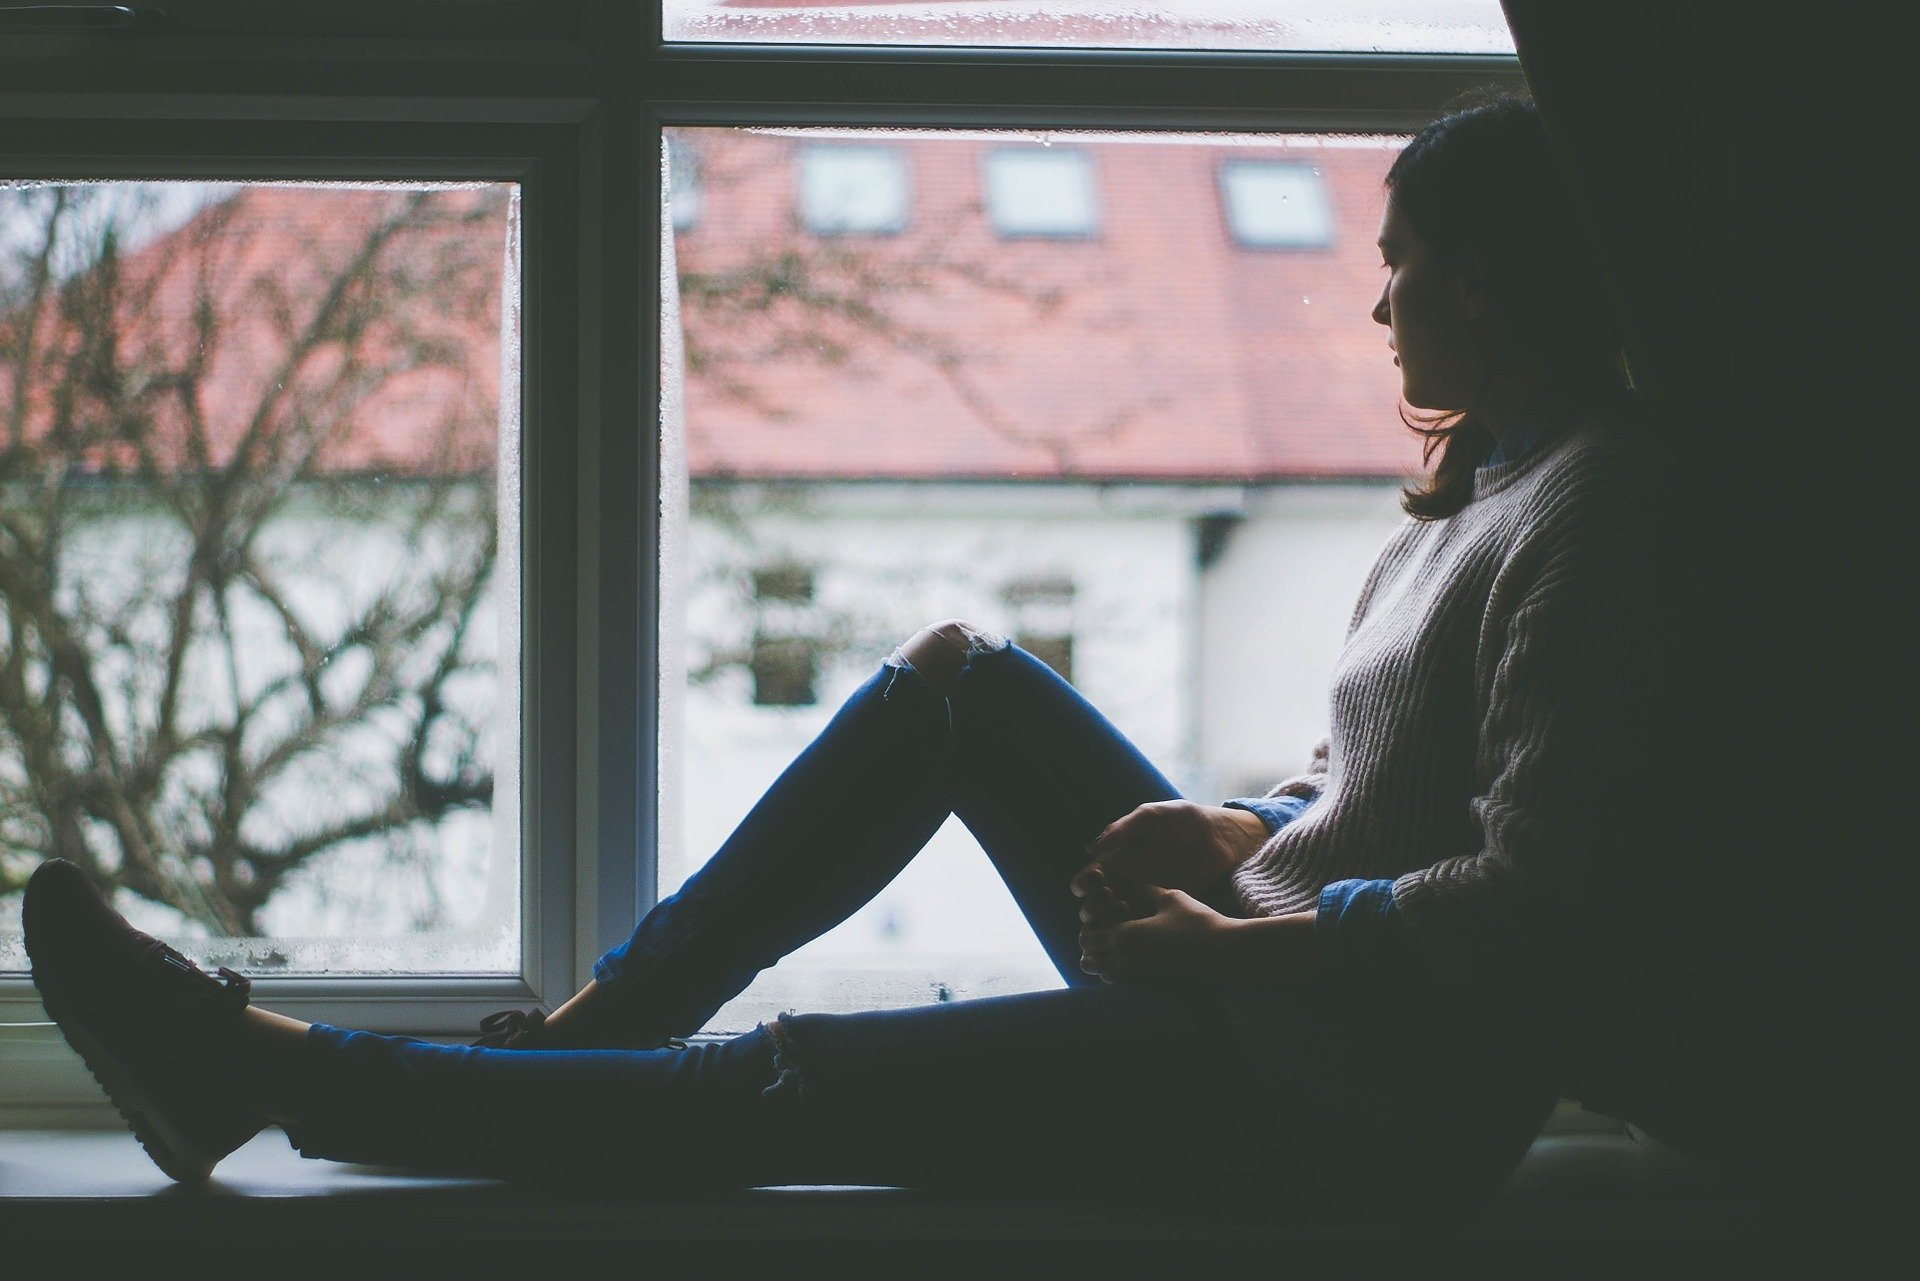 Depressão pós-parto: causas, sintomas, tratamento, diagnóstico e prevenção